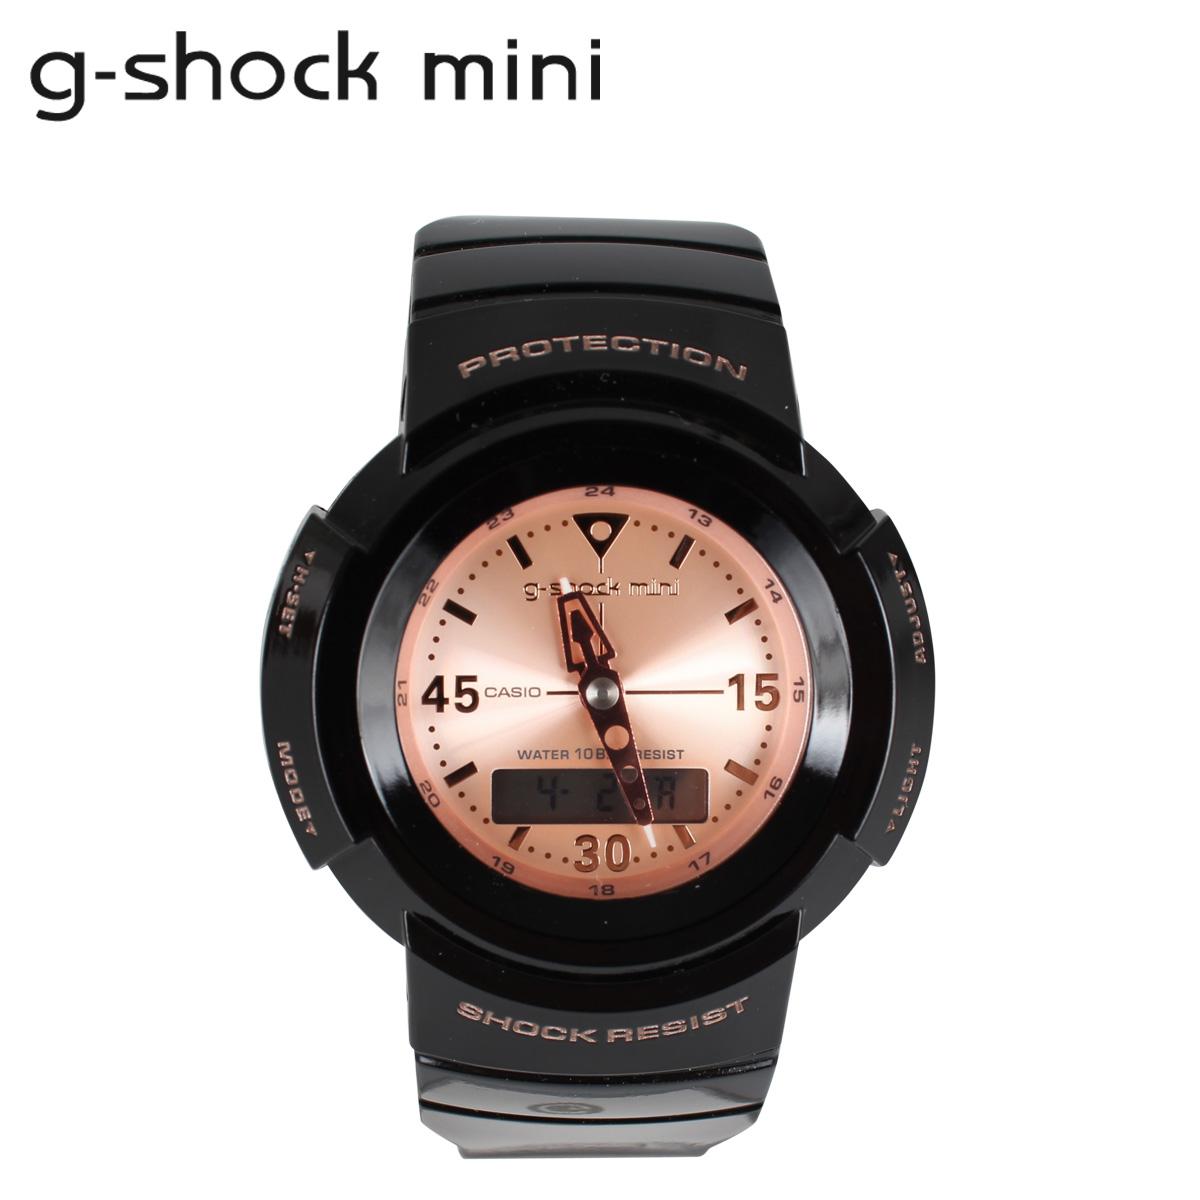 CASIO g-shock mini カシオ 腕時計 GMN-500-1B3JR ジーショック ミニ Gショック G-ショック レディース